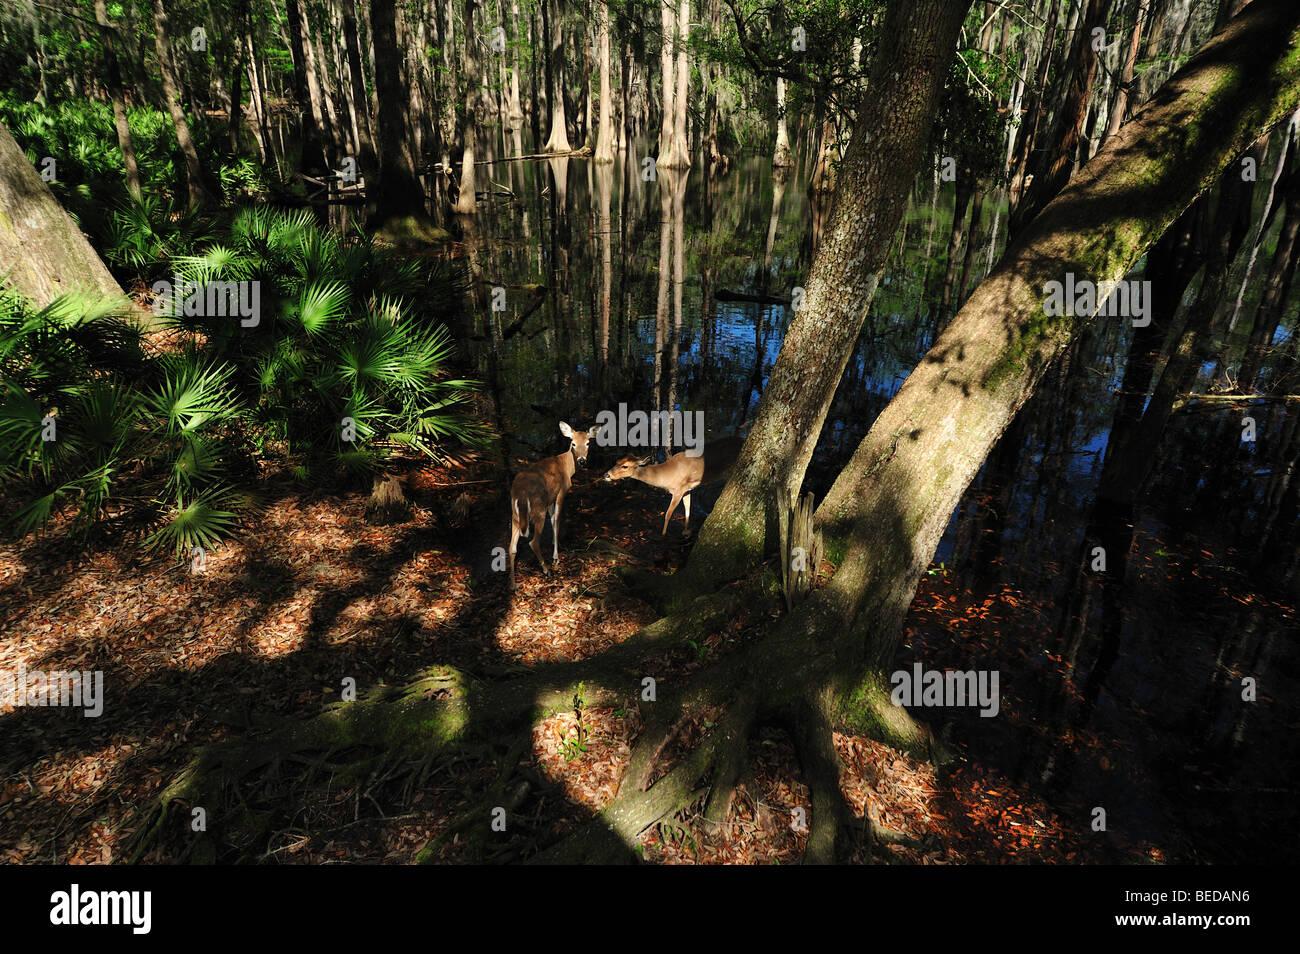 Le cerf de Virginie, l'Odocoileus virginianus, lac Bradford, en Floride (captive) Photo Stock